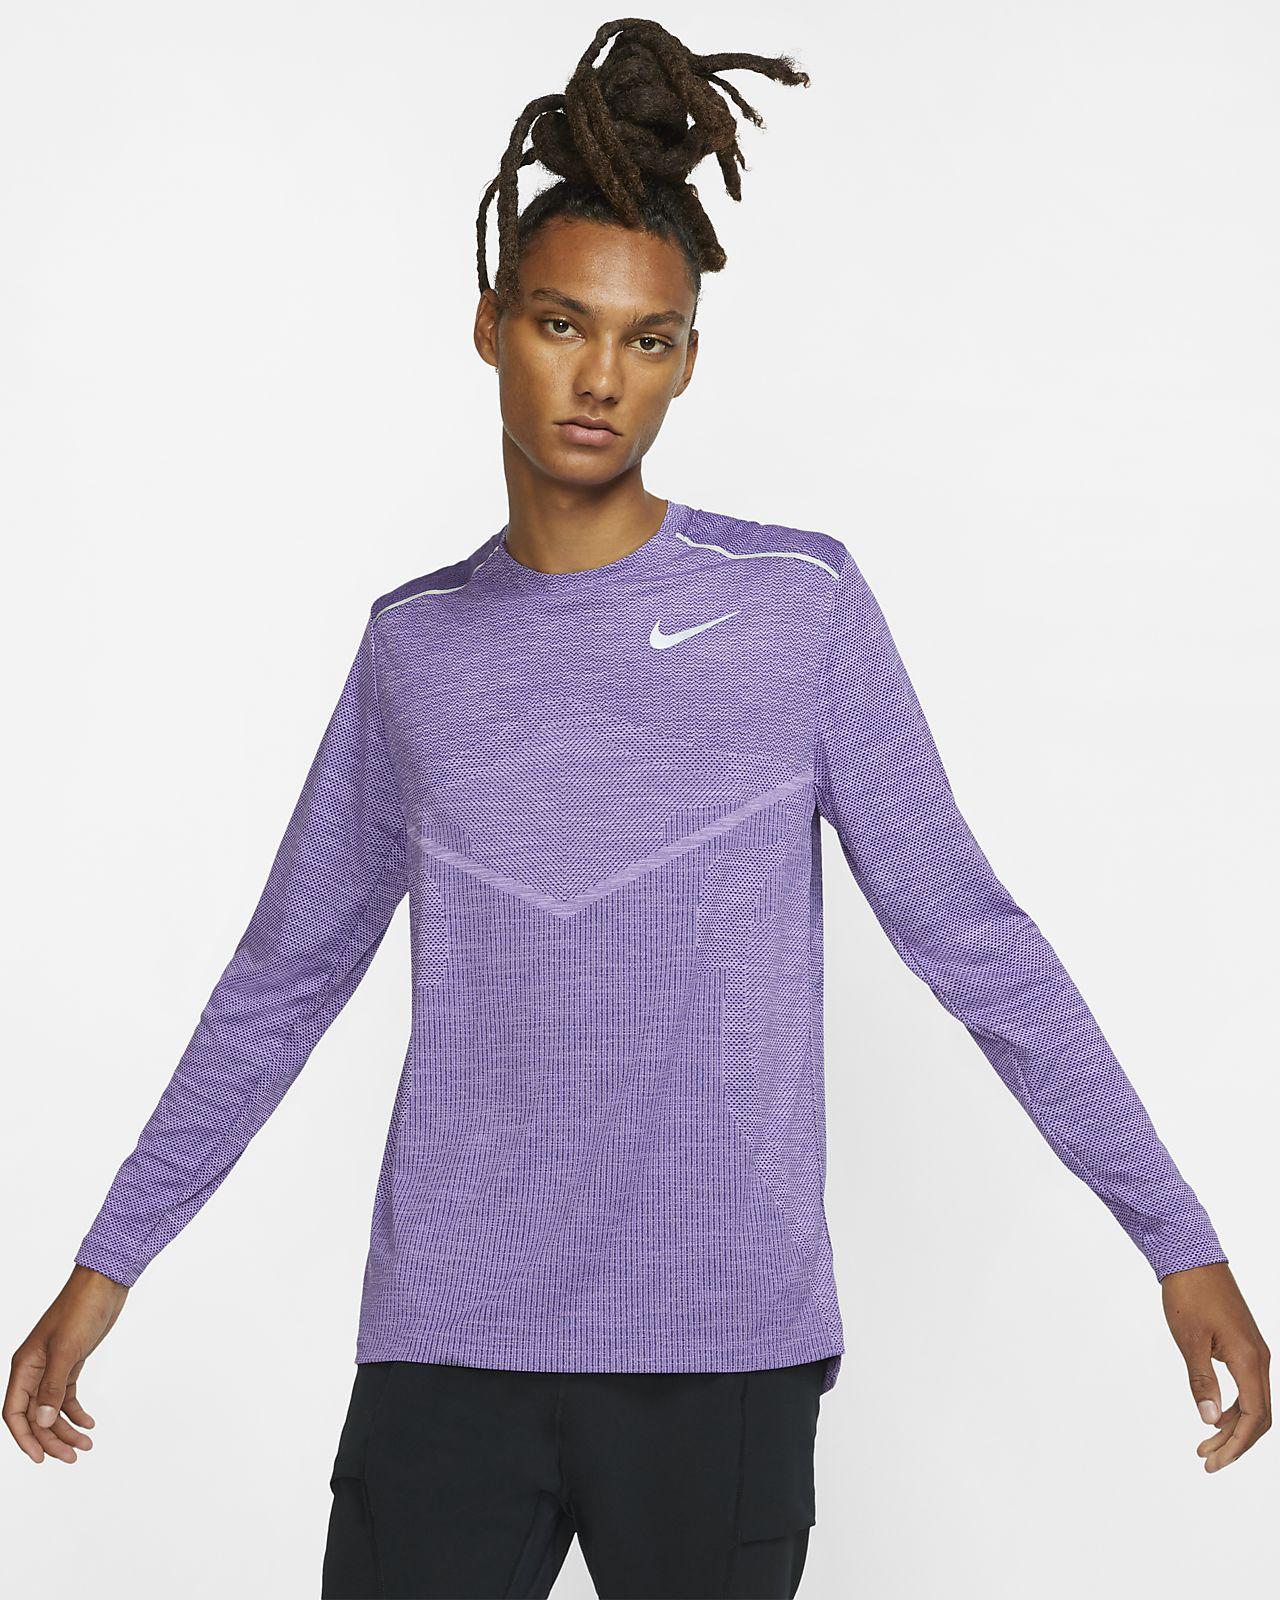 Långärmad löpartröja Nike TechKnit Ultra för män